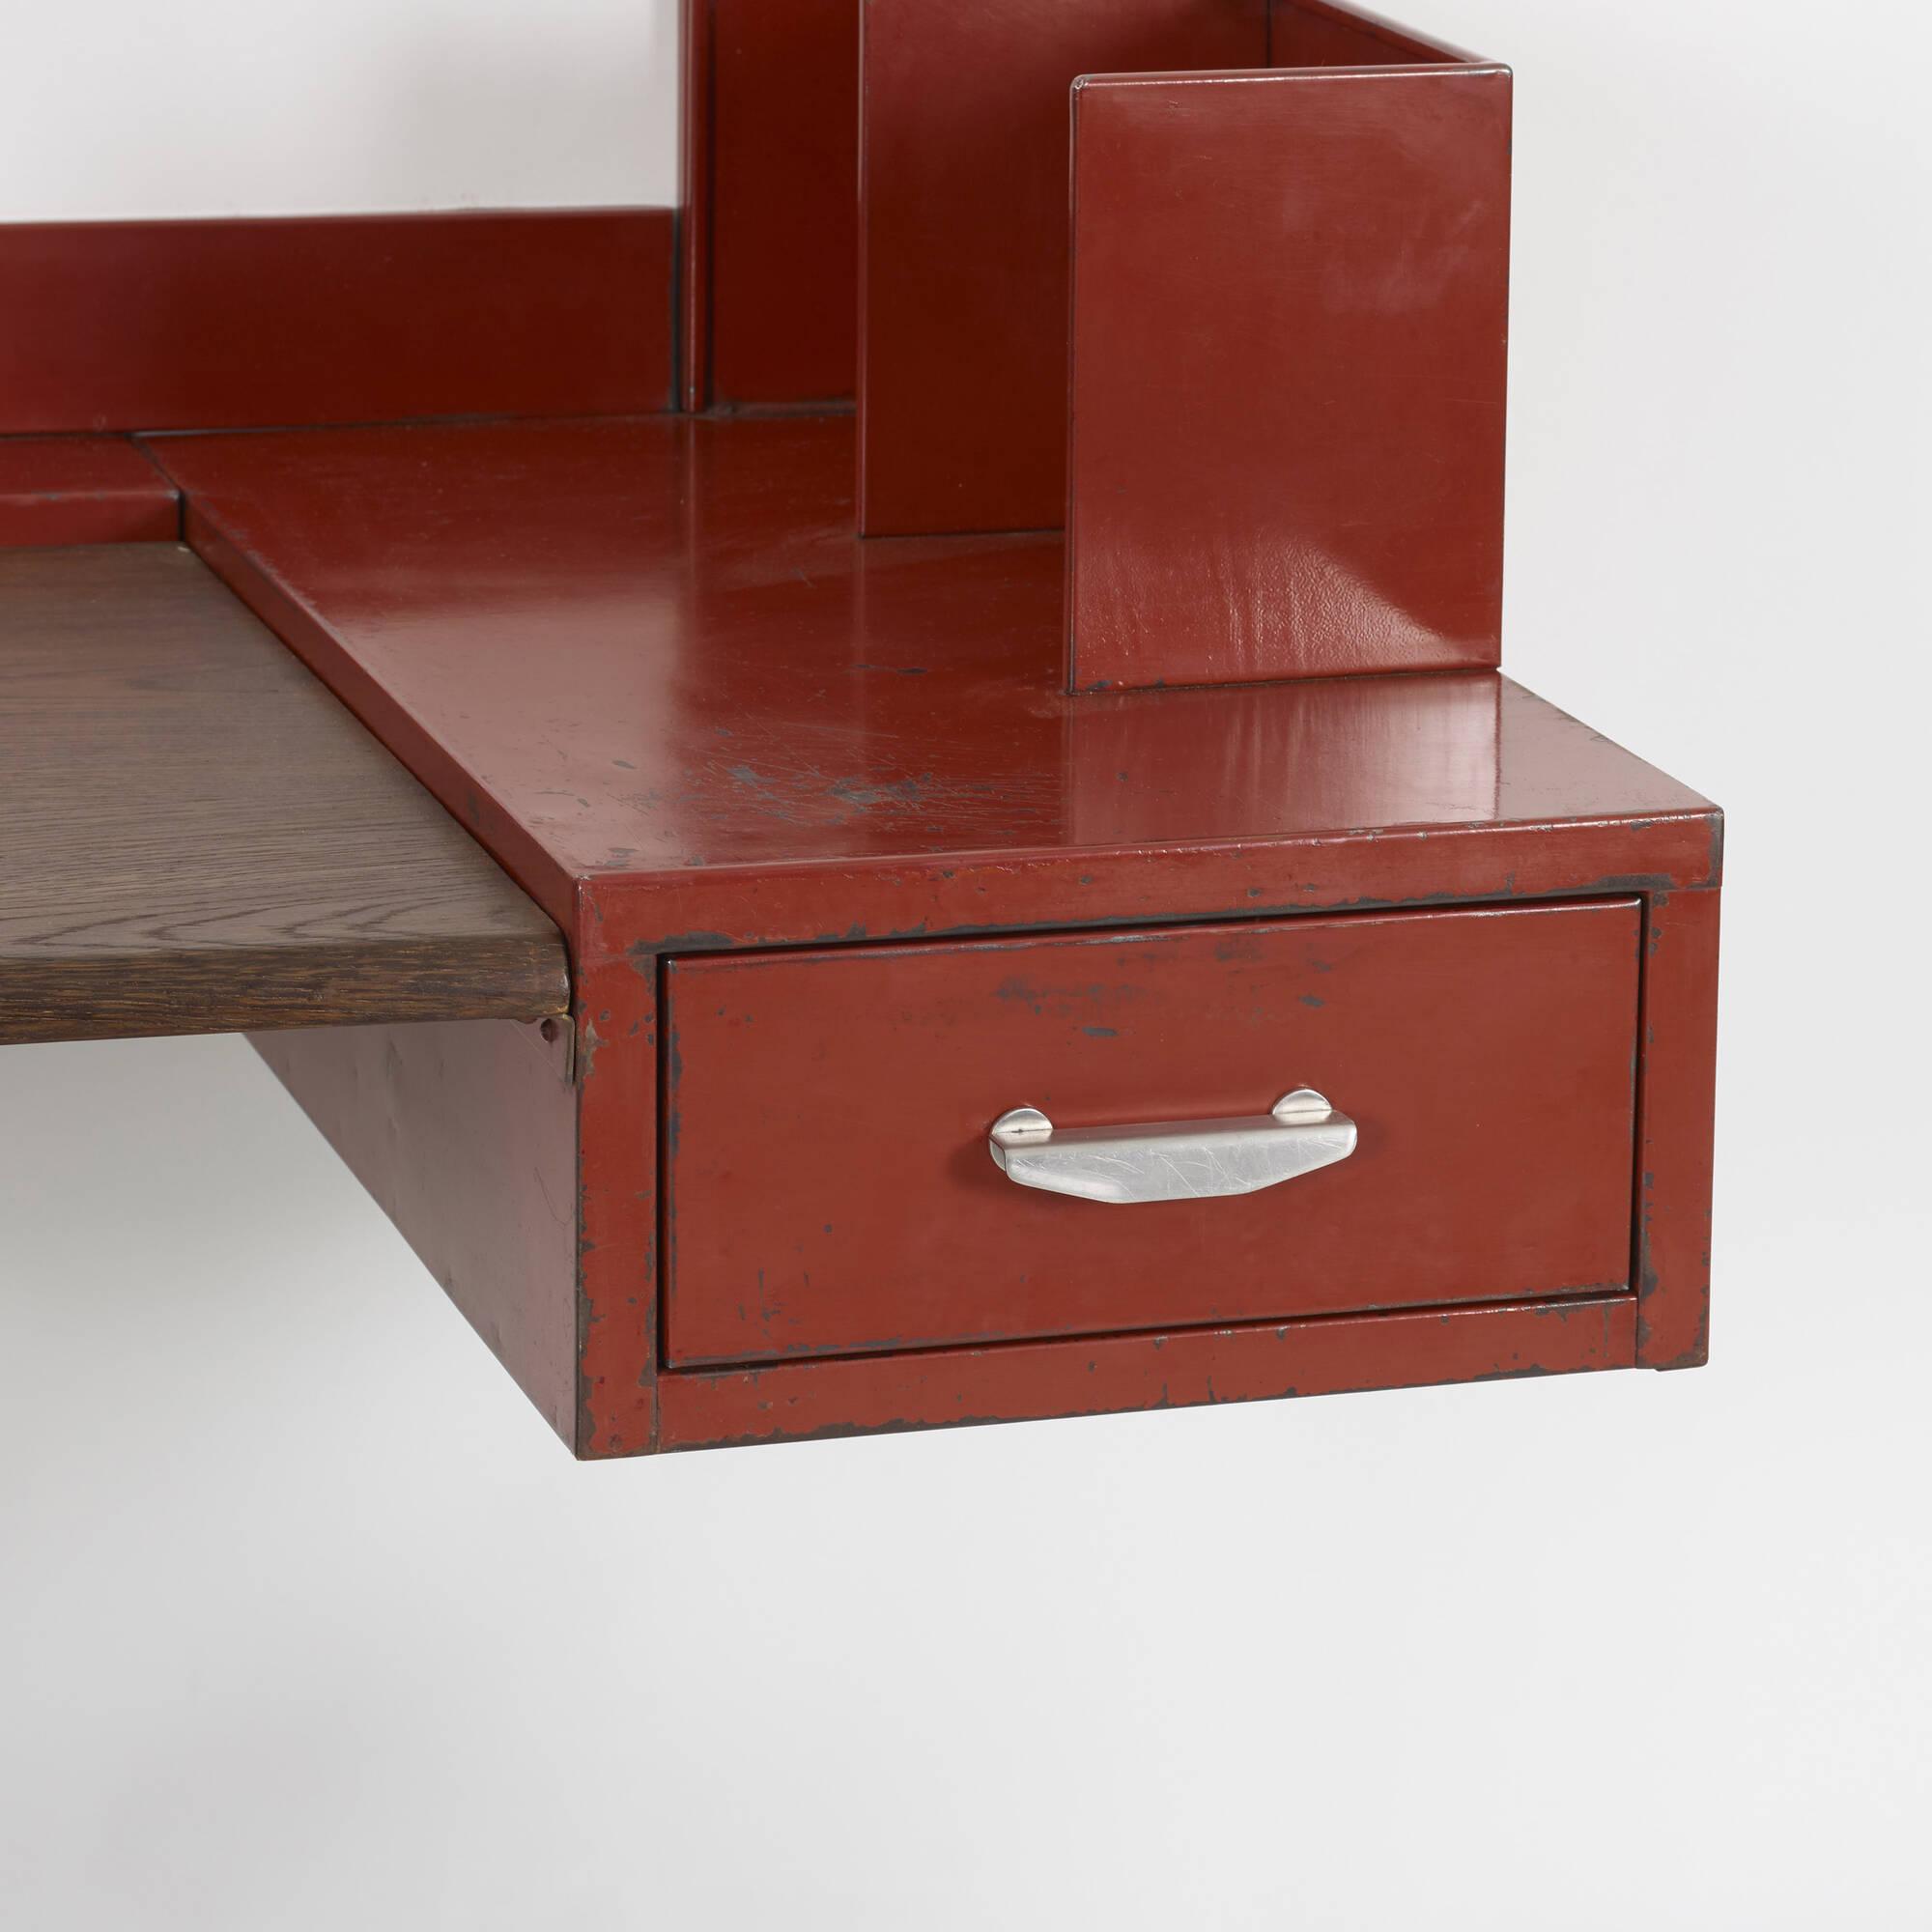 129: Jean Prouvé and Jules Leleu / wall-mounted desk and chair for Martel de Janville Sanatorium, Plateau d'Assy (3 of 3)